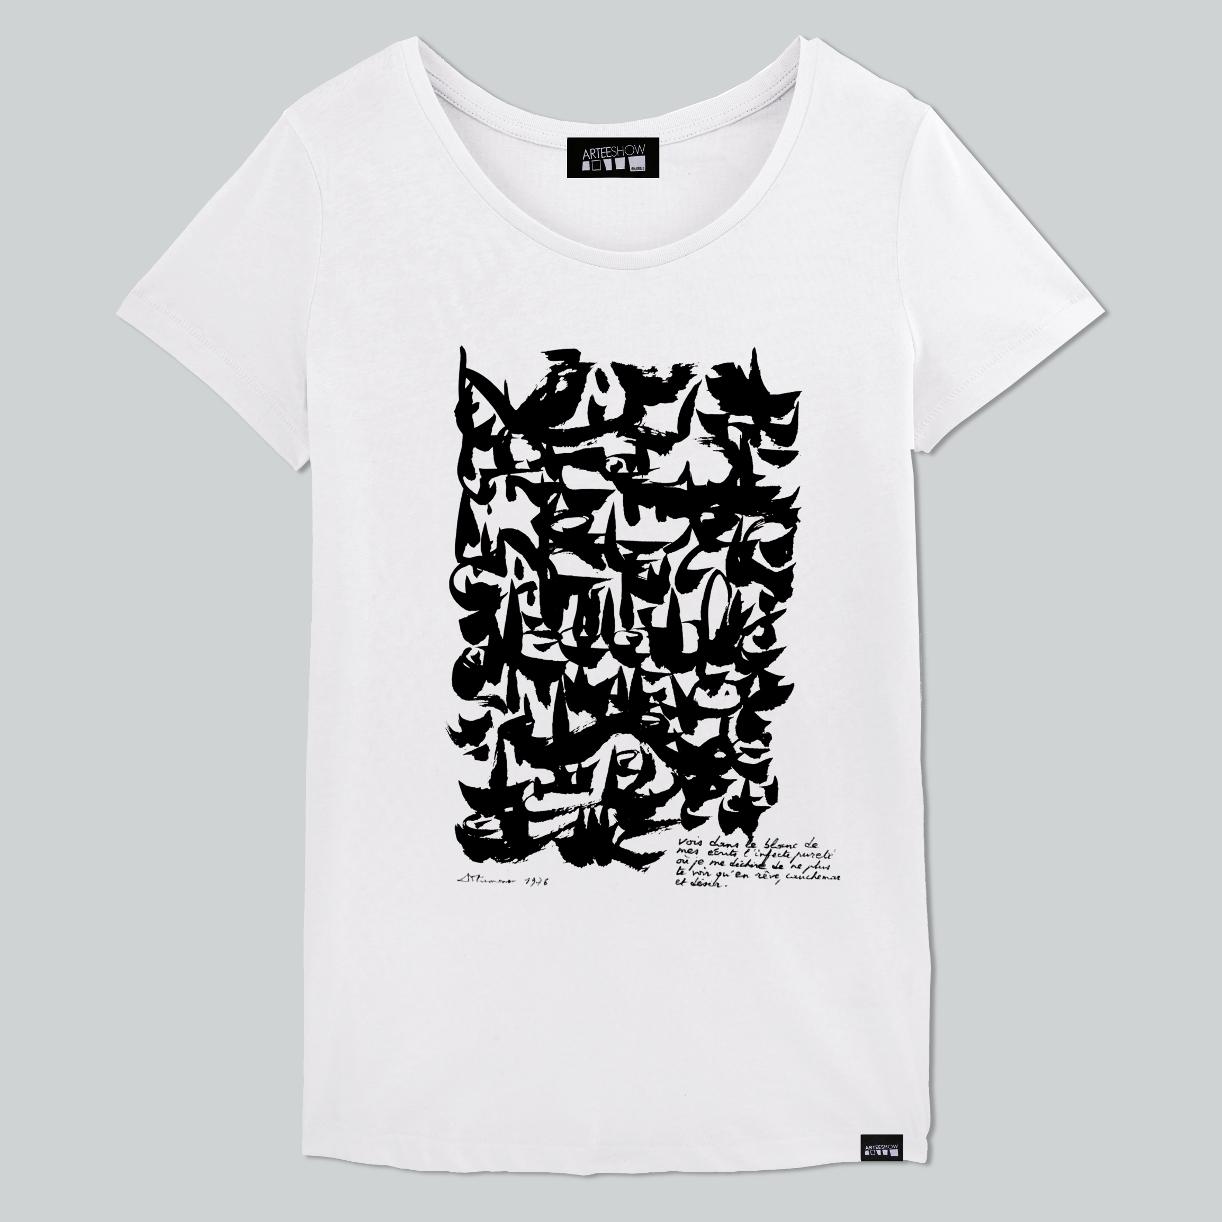 biologique Christian par Dotremont Arteeshow shirt en inspiré T coton wzpAt